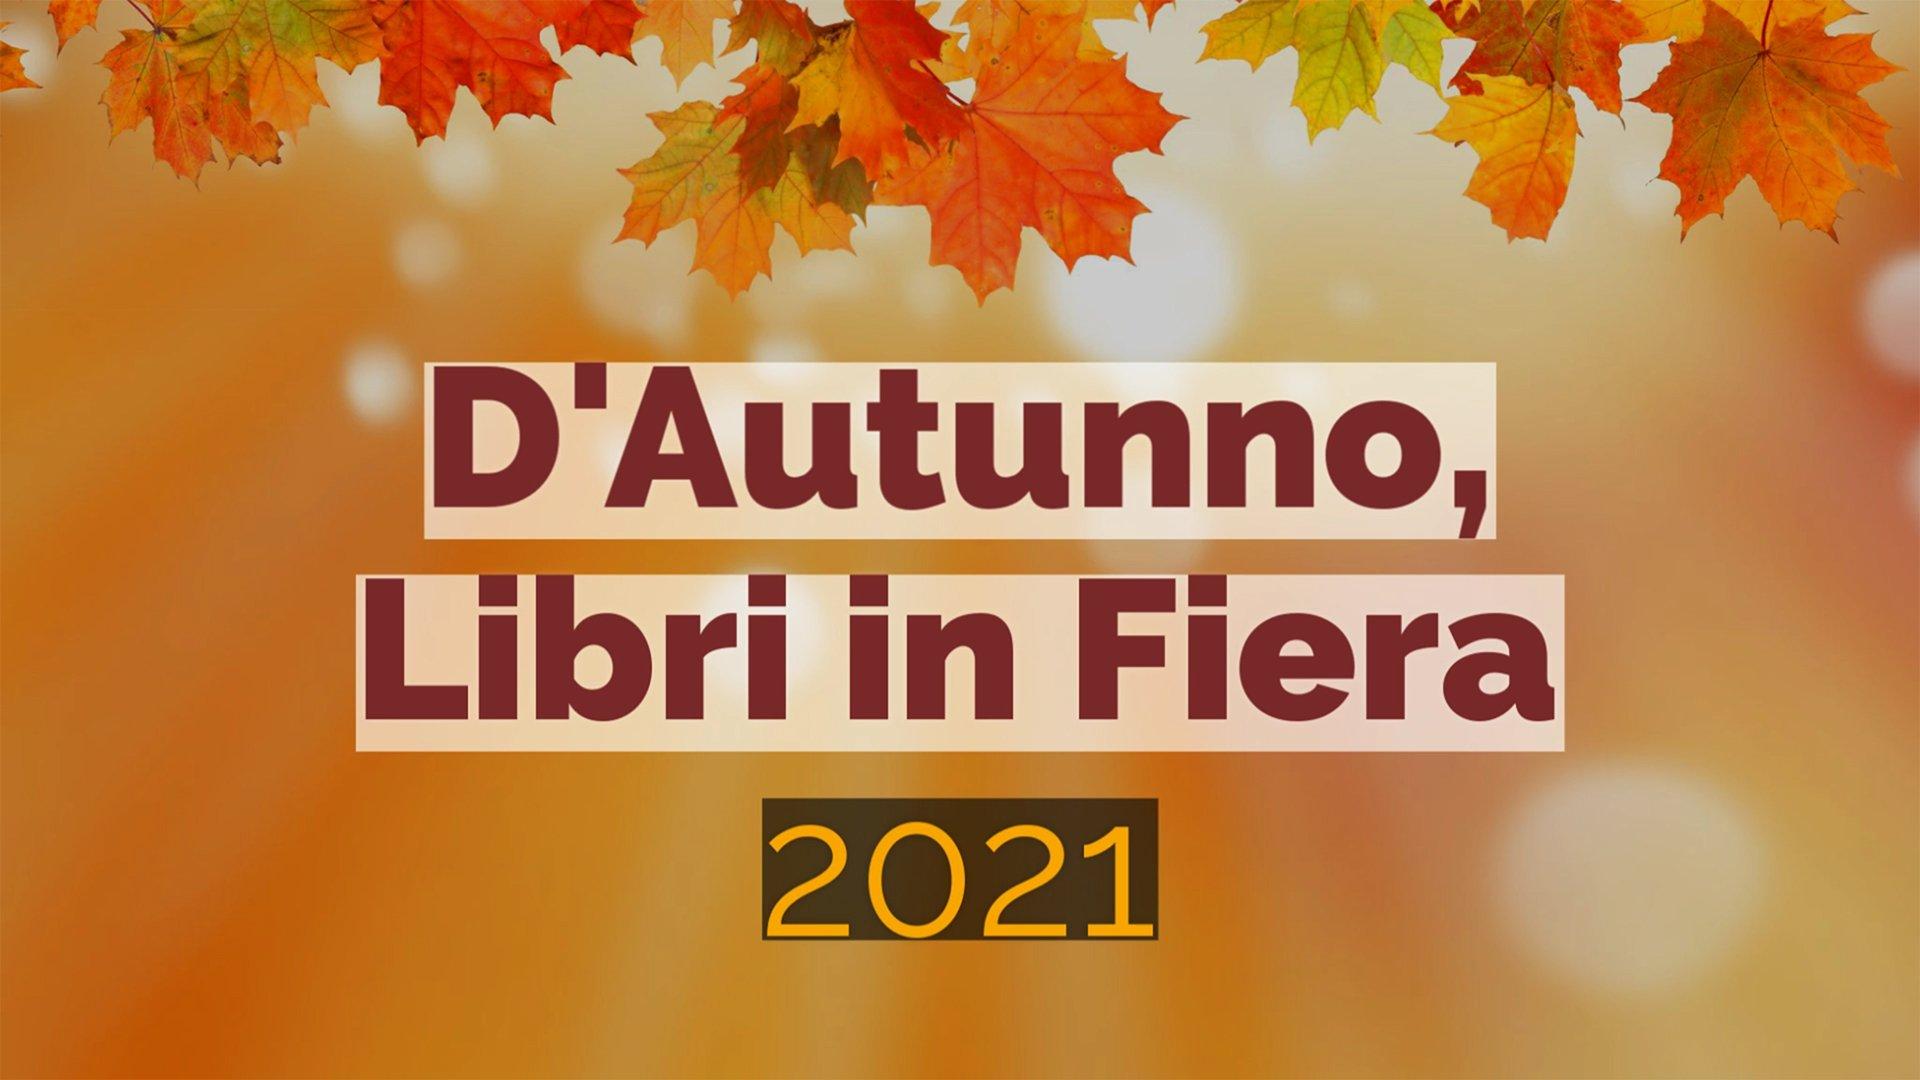 D'Autunno, Libri in Fiera 2021